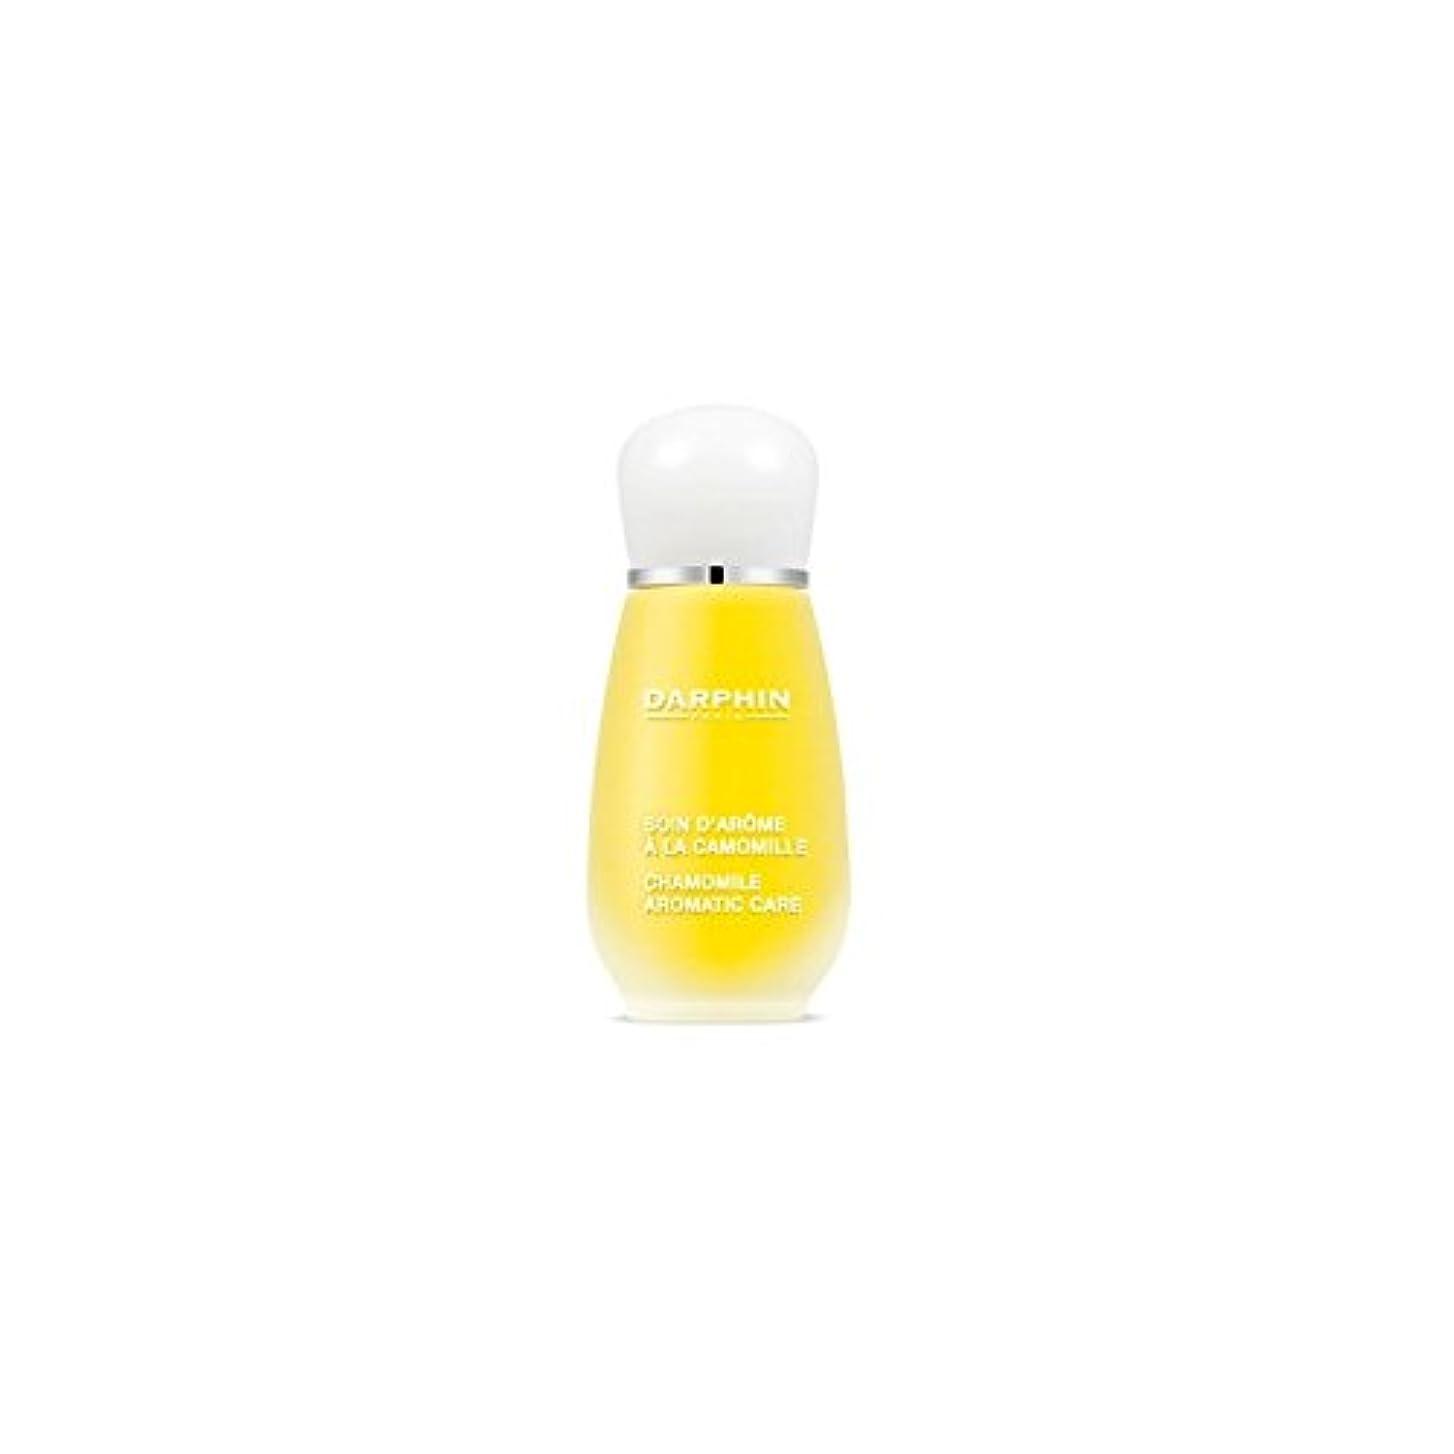 複合クローゼット検体ダルファンカモミール芳香ケア(15ミリリットル) x2 - Darphin Chamomile Aromatic Care (15ml) (Pack of 2) [並行輸入品]